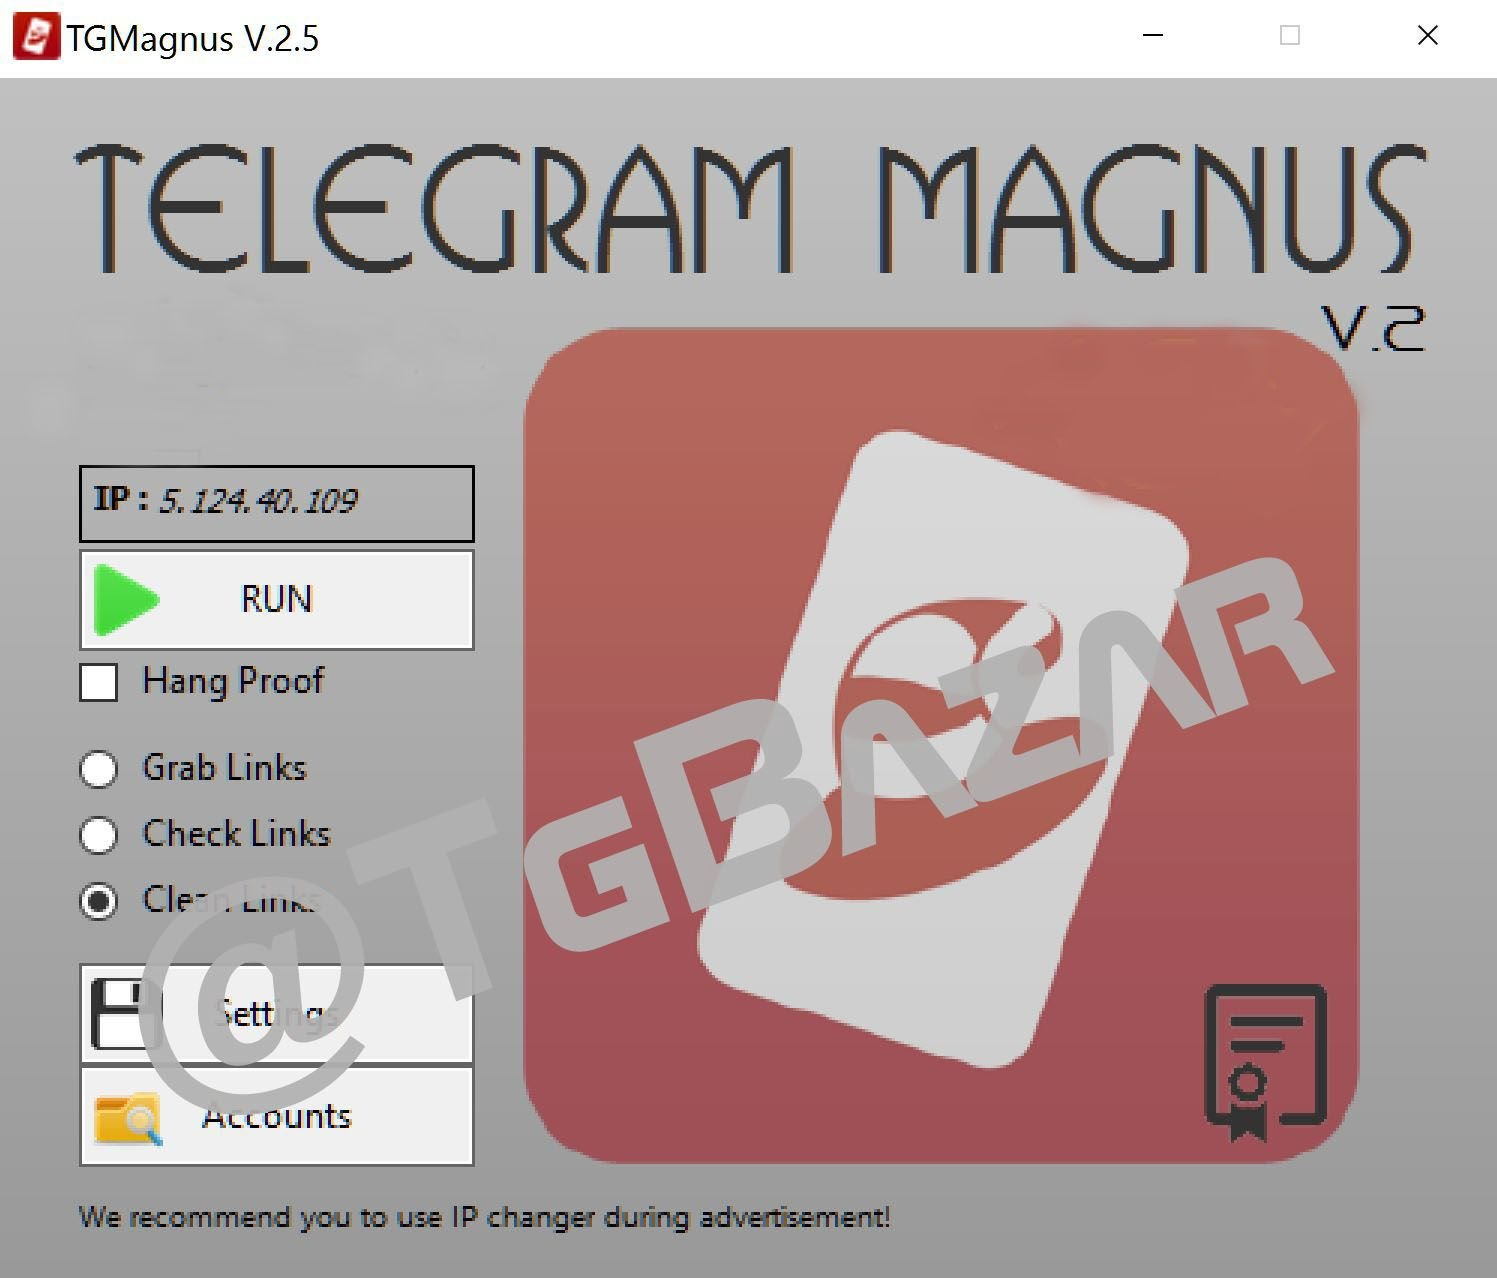 telegram magnus